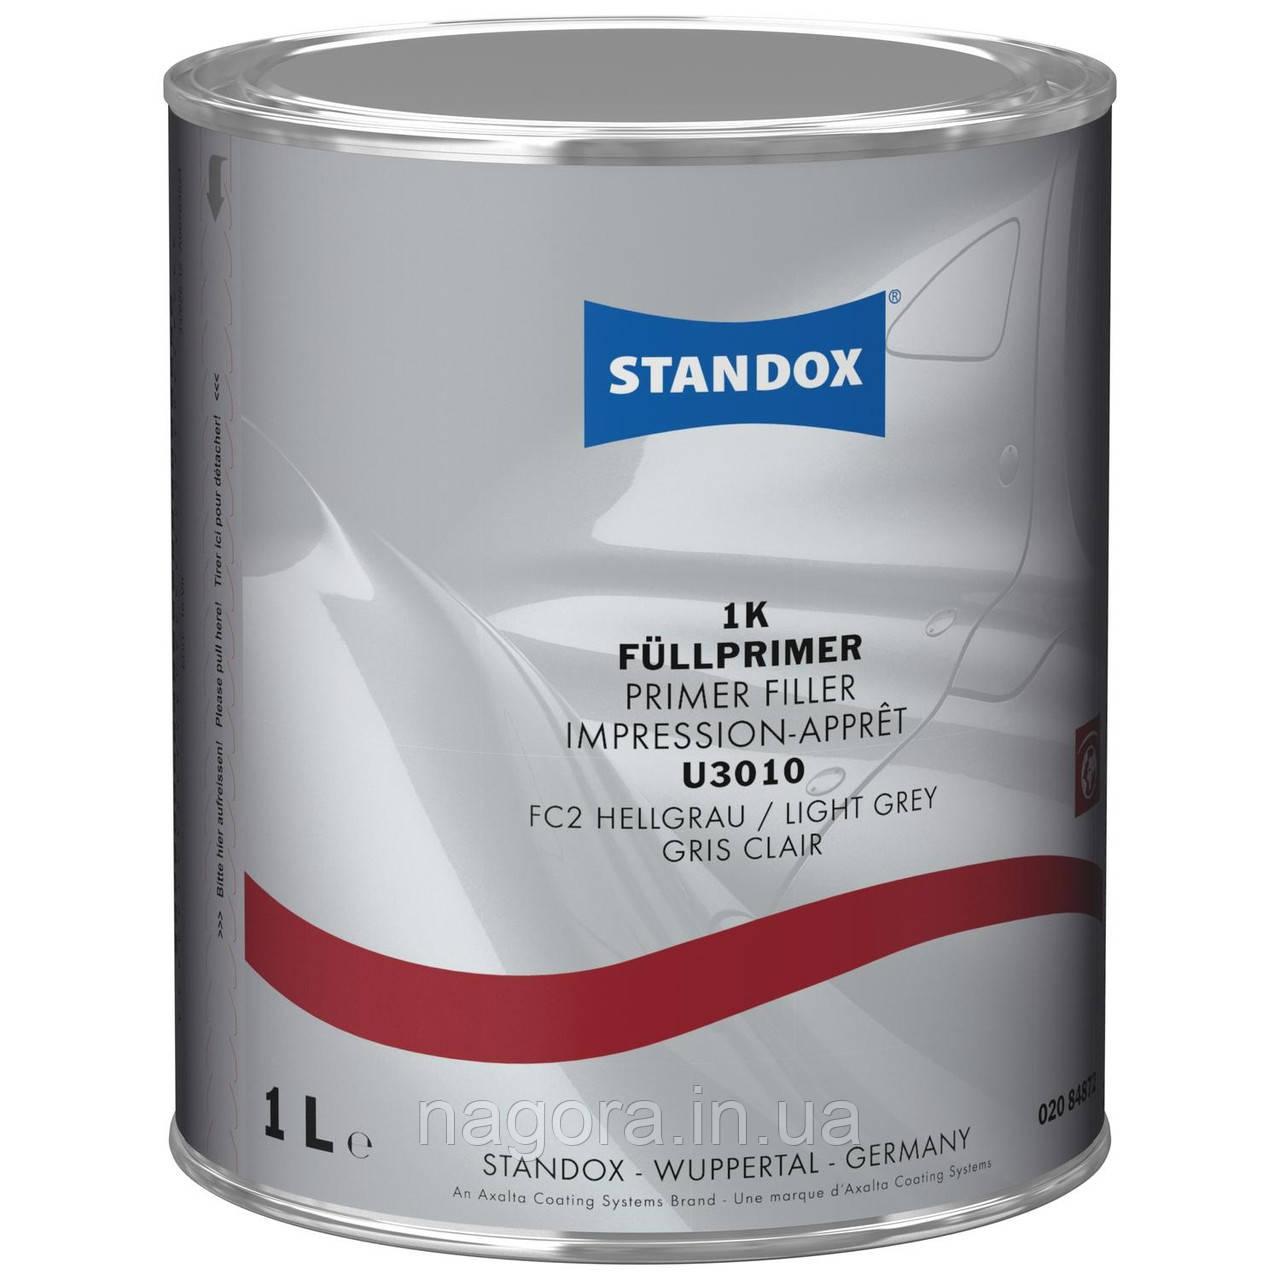 Травящий (кислотный) грунт-наполнитель, однокомпонентный, Standox 1K Primer Filler U3010, светло серый (1л)